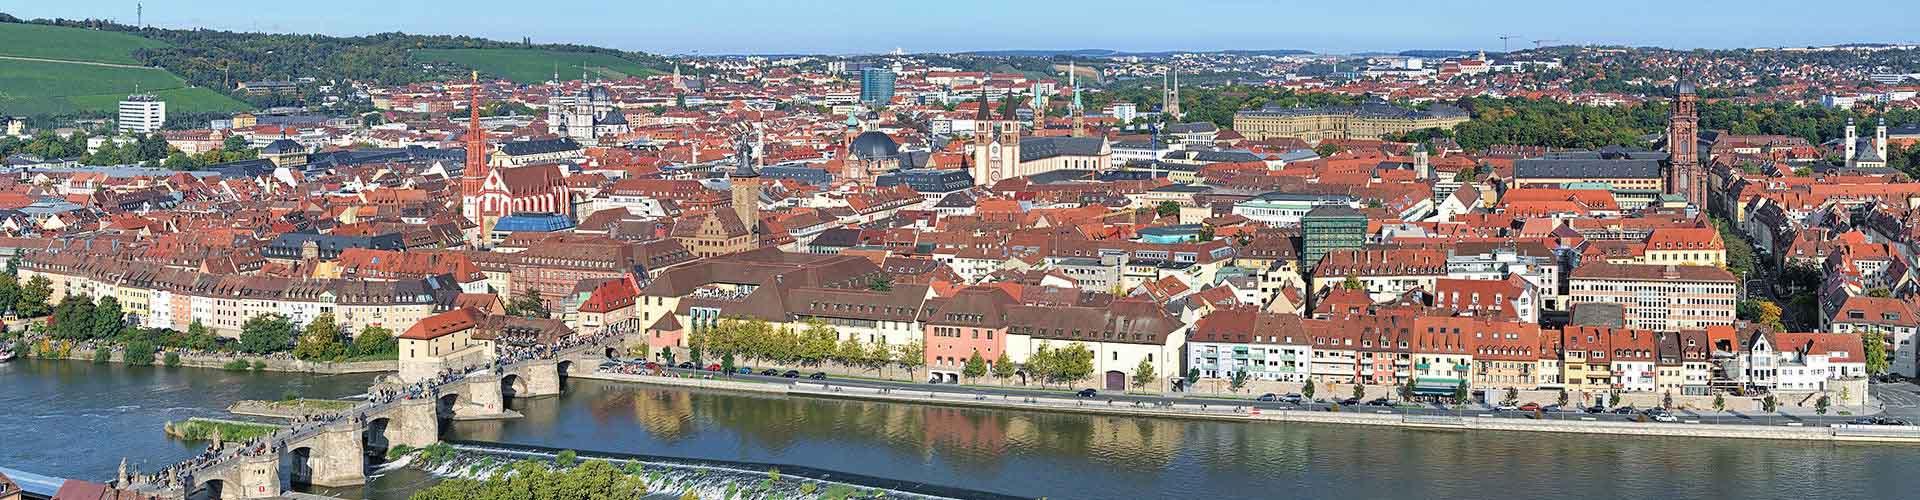 Wuerzburg - Habitaciones en Wuerzburg. Mapas de Wuerzburg, Fotos y comentarios de cada Habitación en Wuerzburg.